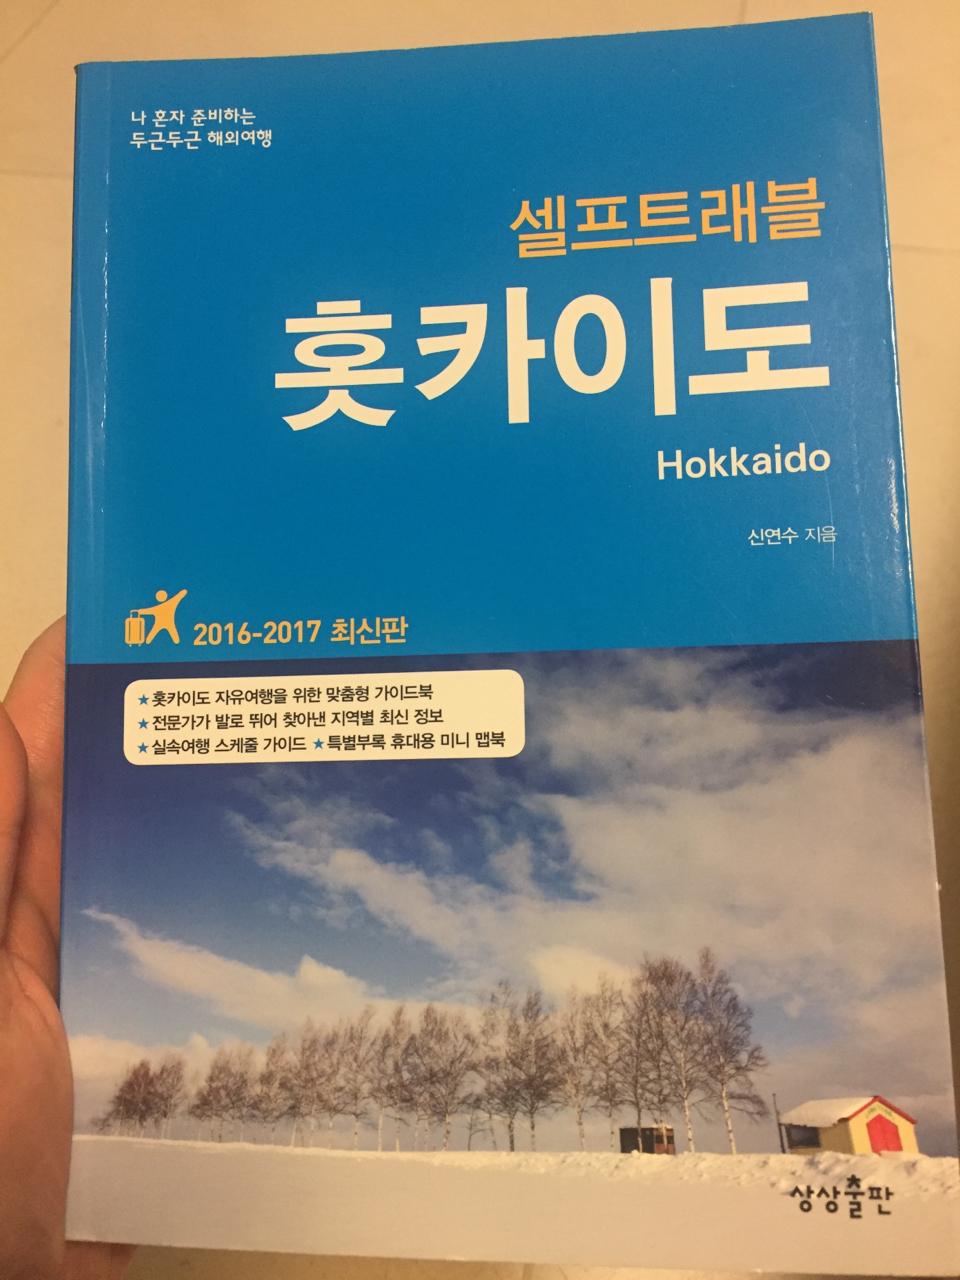 일본 훗카이도 여행책 팔아요 -셀프트래블 최신판